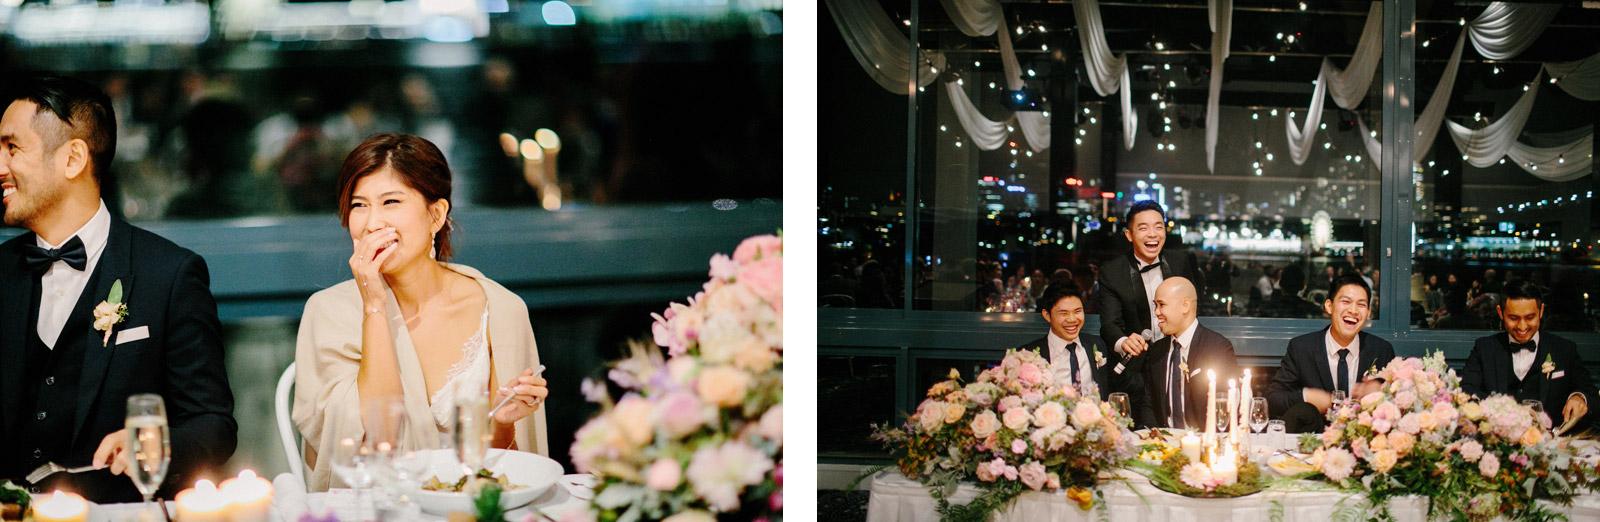 wedding-sonia-kev-099